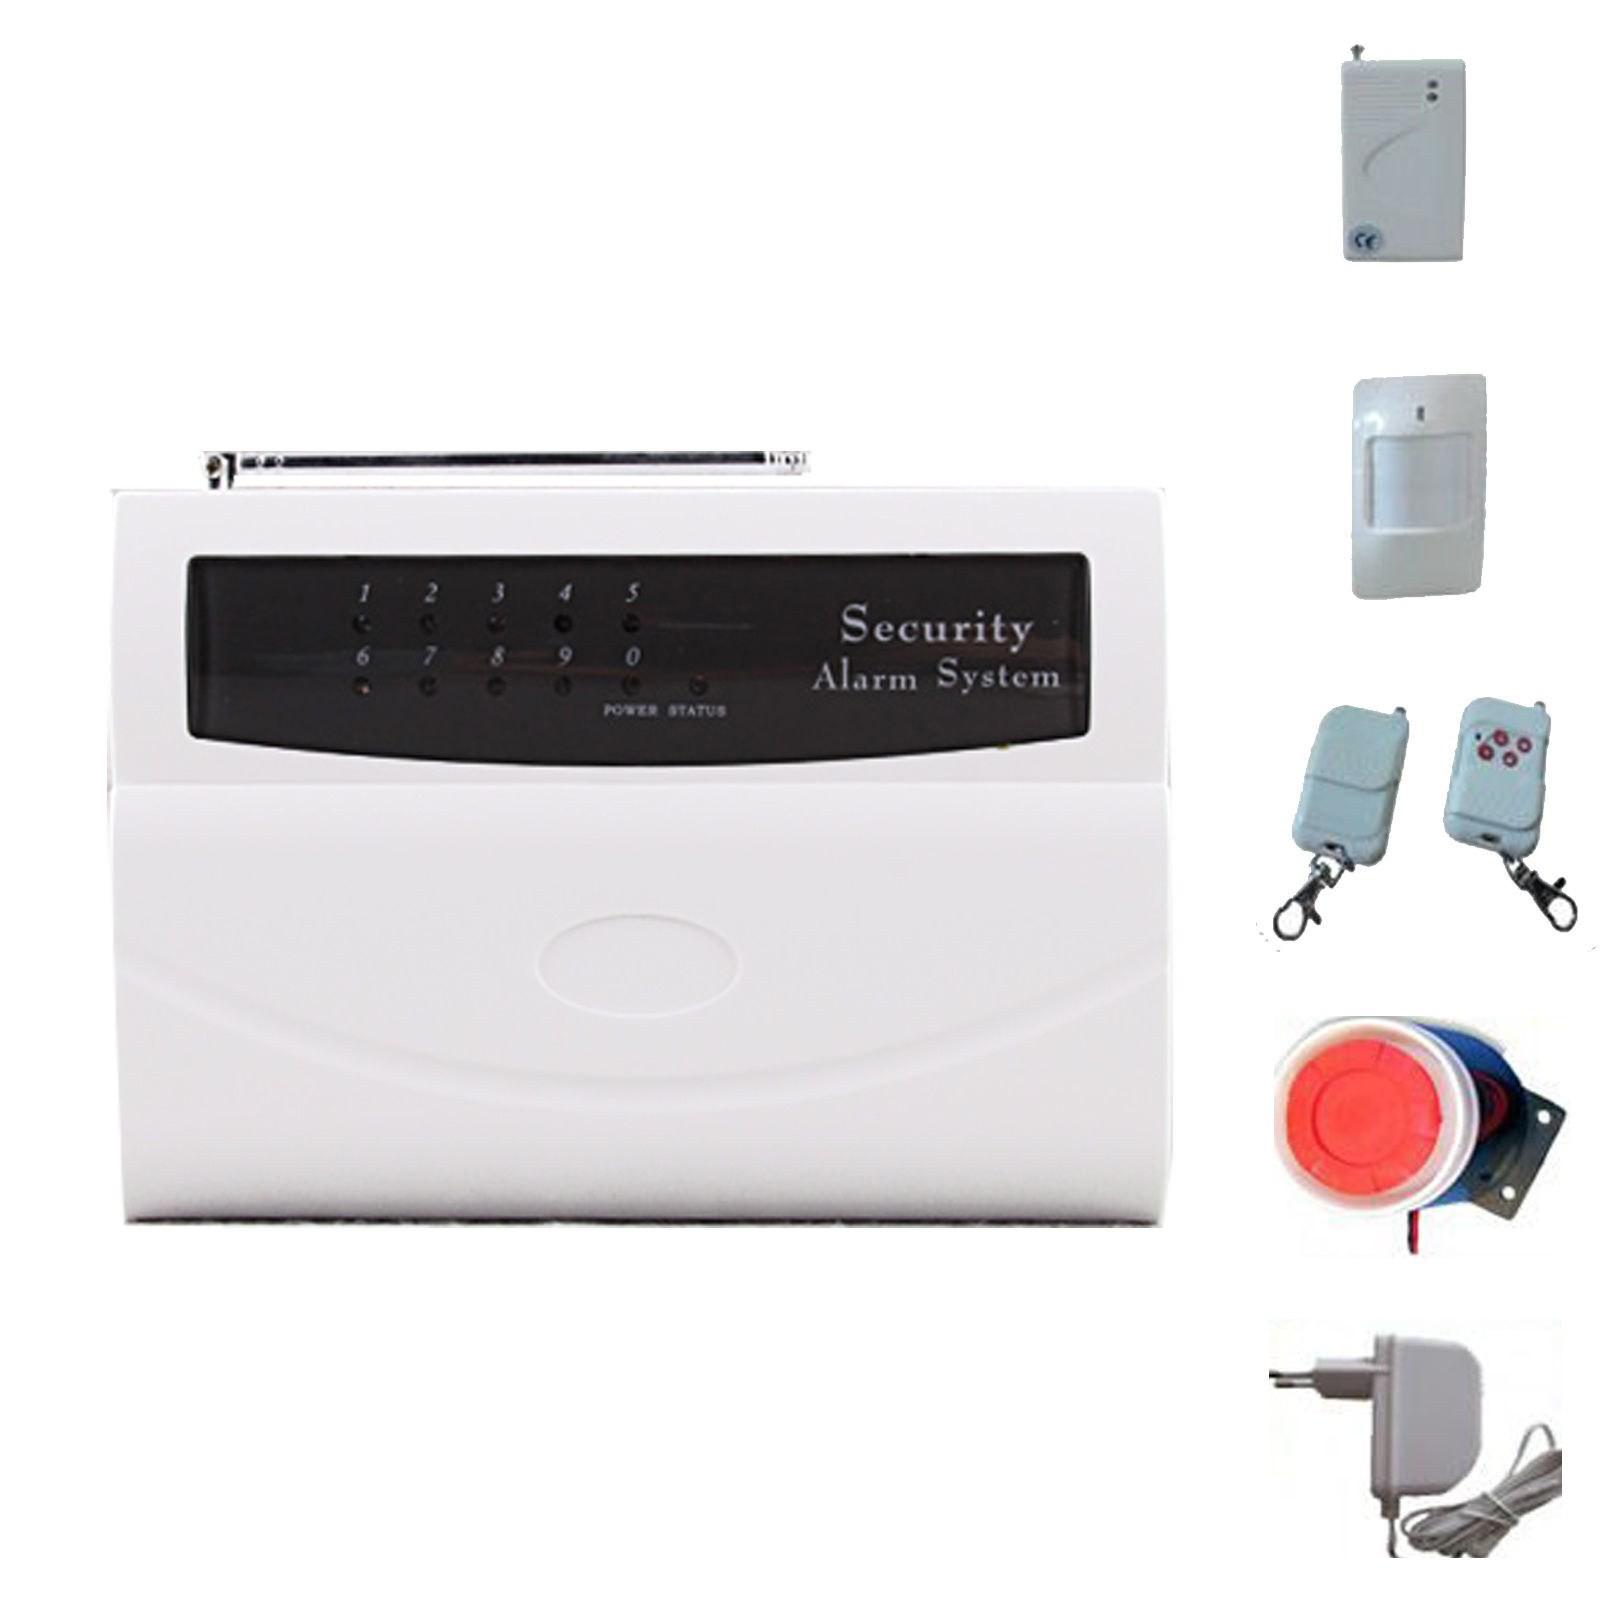 Kit antifurto allarme 2800 casa wireless senza fili sirena sensore combinatore area illumina - Antifurto casa senza fili migliore ...